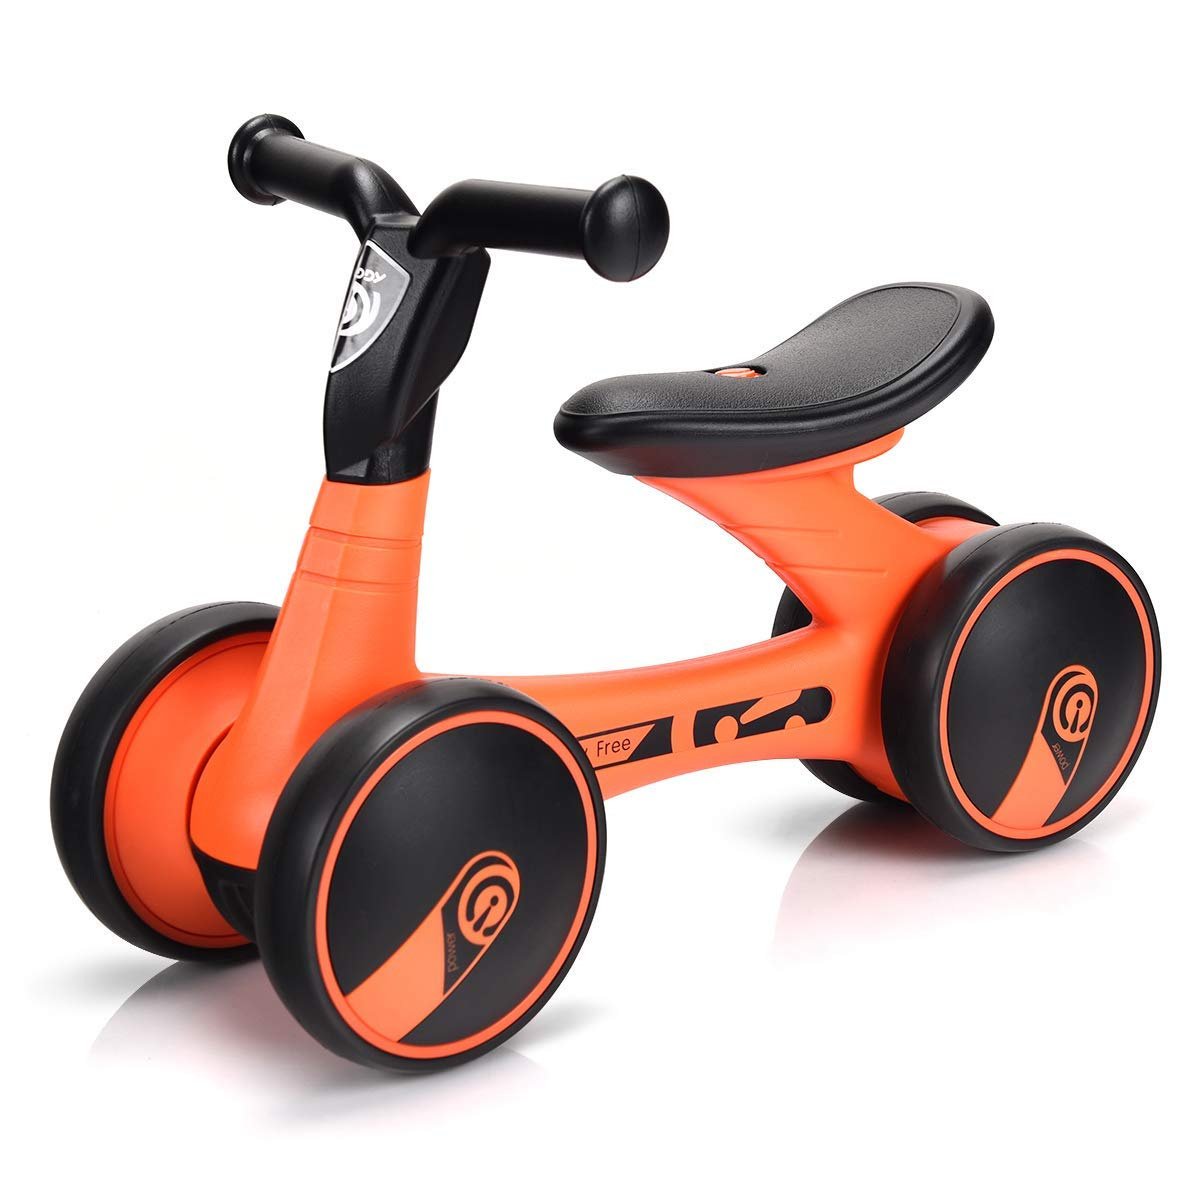 Tu satisfacción es nuestro objetivo Bici del Equilibrio del bebé, Bicicleta Bicicleta Bicicleta del Empuje sin el Pedal, Seguro y cómodo para los niños, Mini Entrenamiento Cuatro Ruedas Walker, Estructura Estable, Primera Bici  de moda